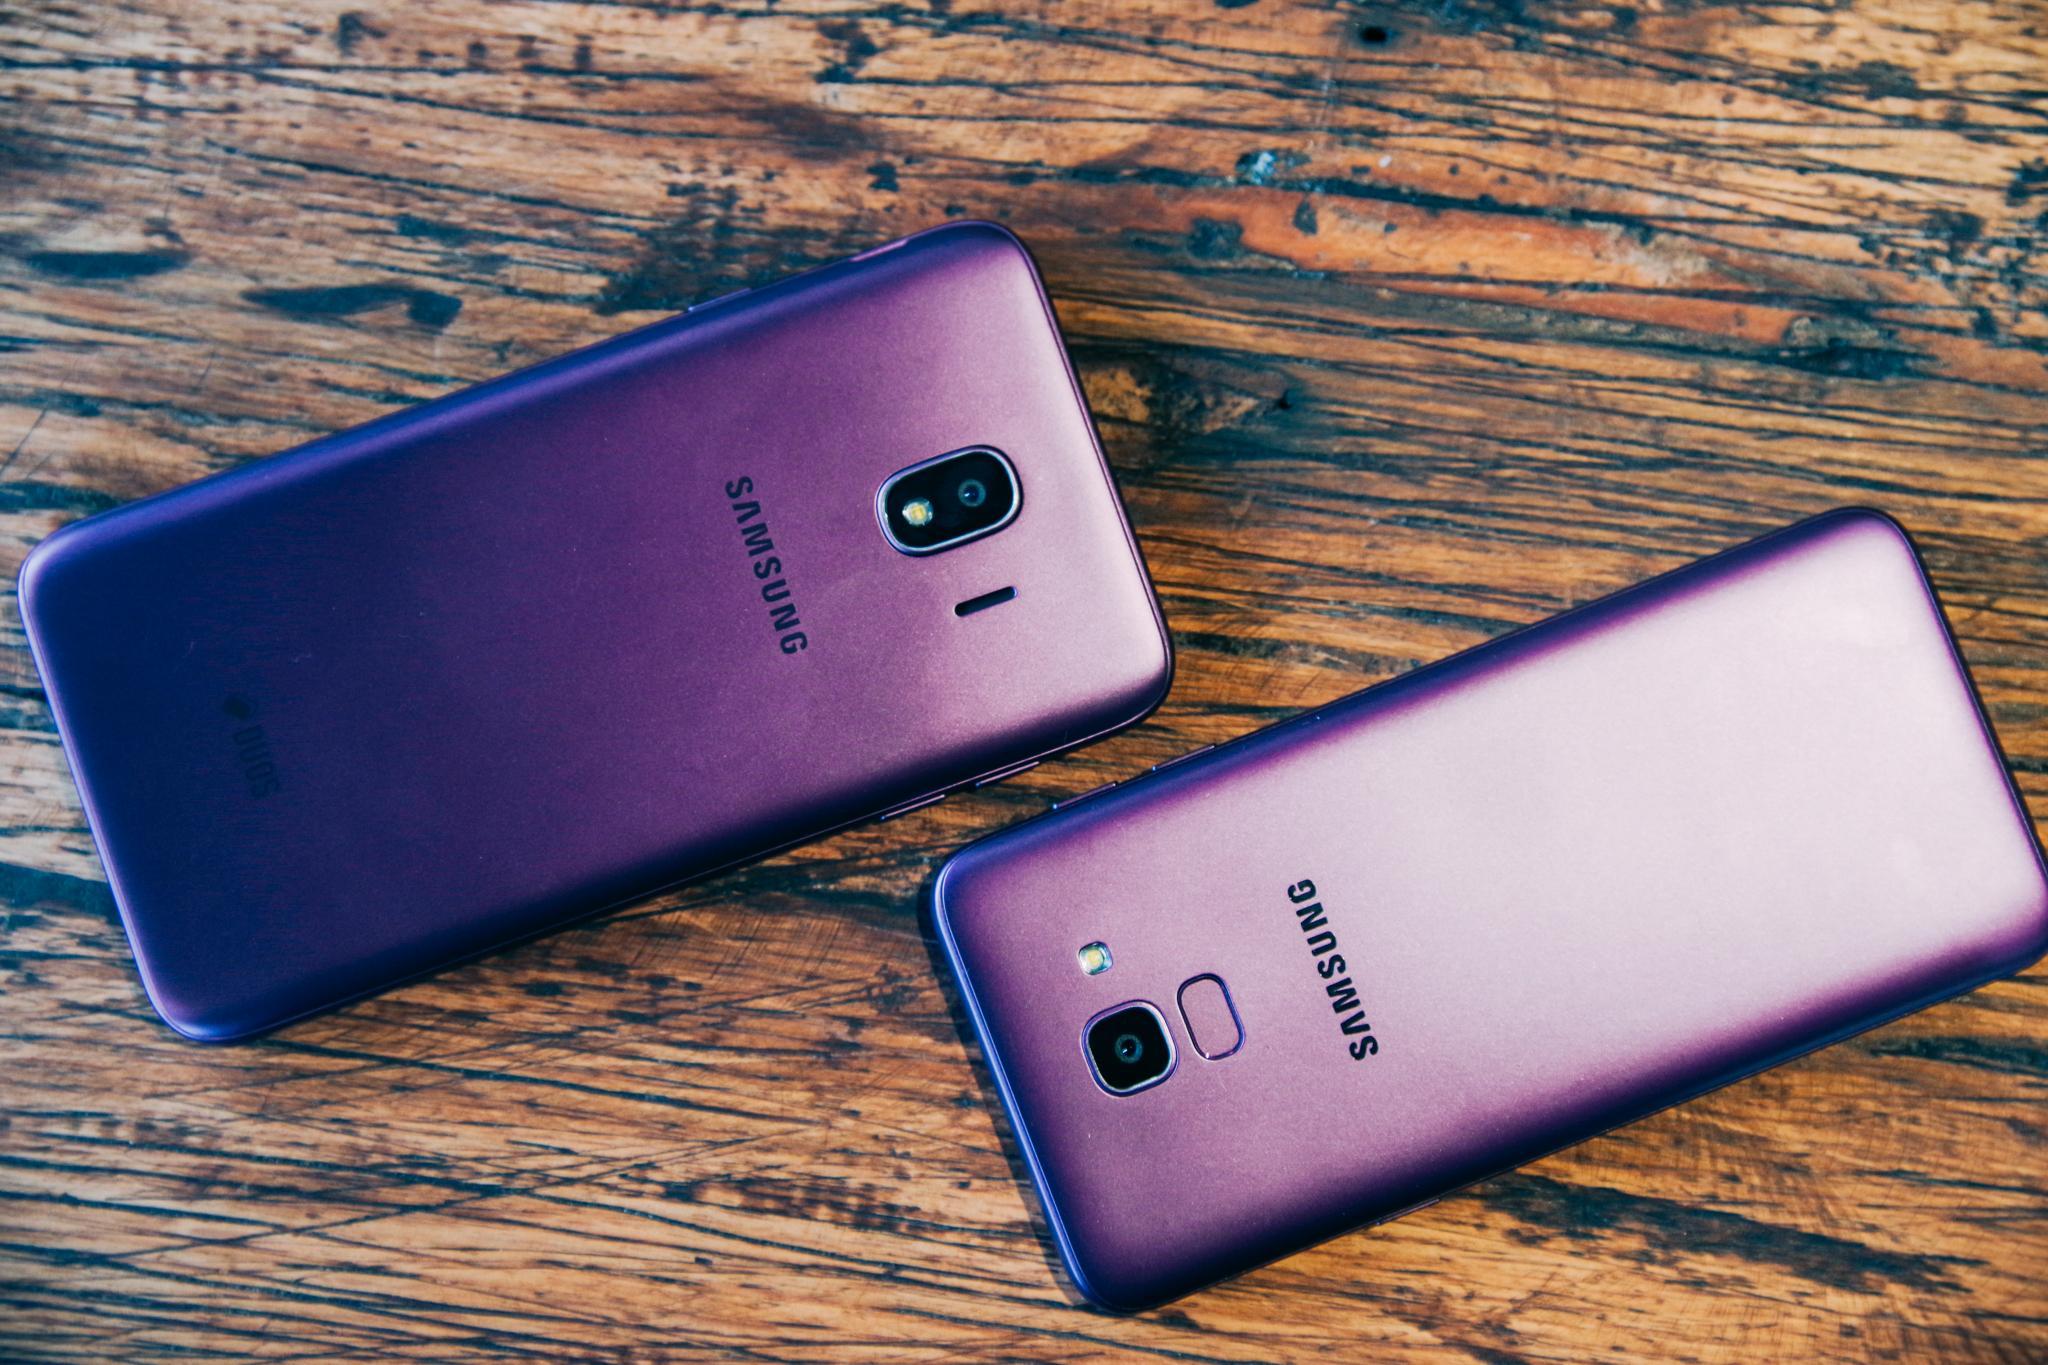 Đánh giá Galaxy J6/J4: Rẻ nhưng vẫn đủ chất - Ảnh 1.